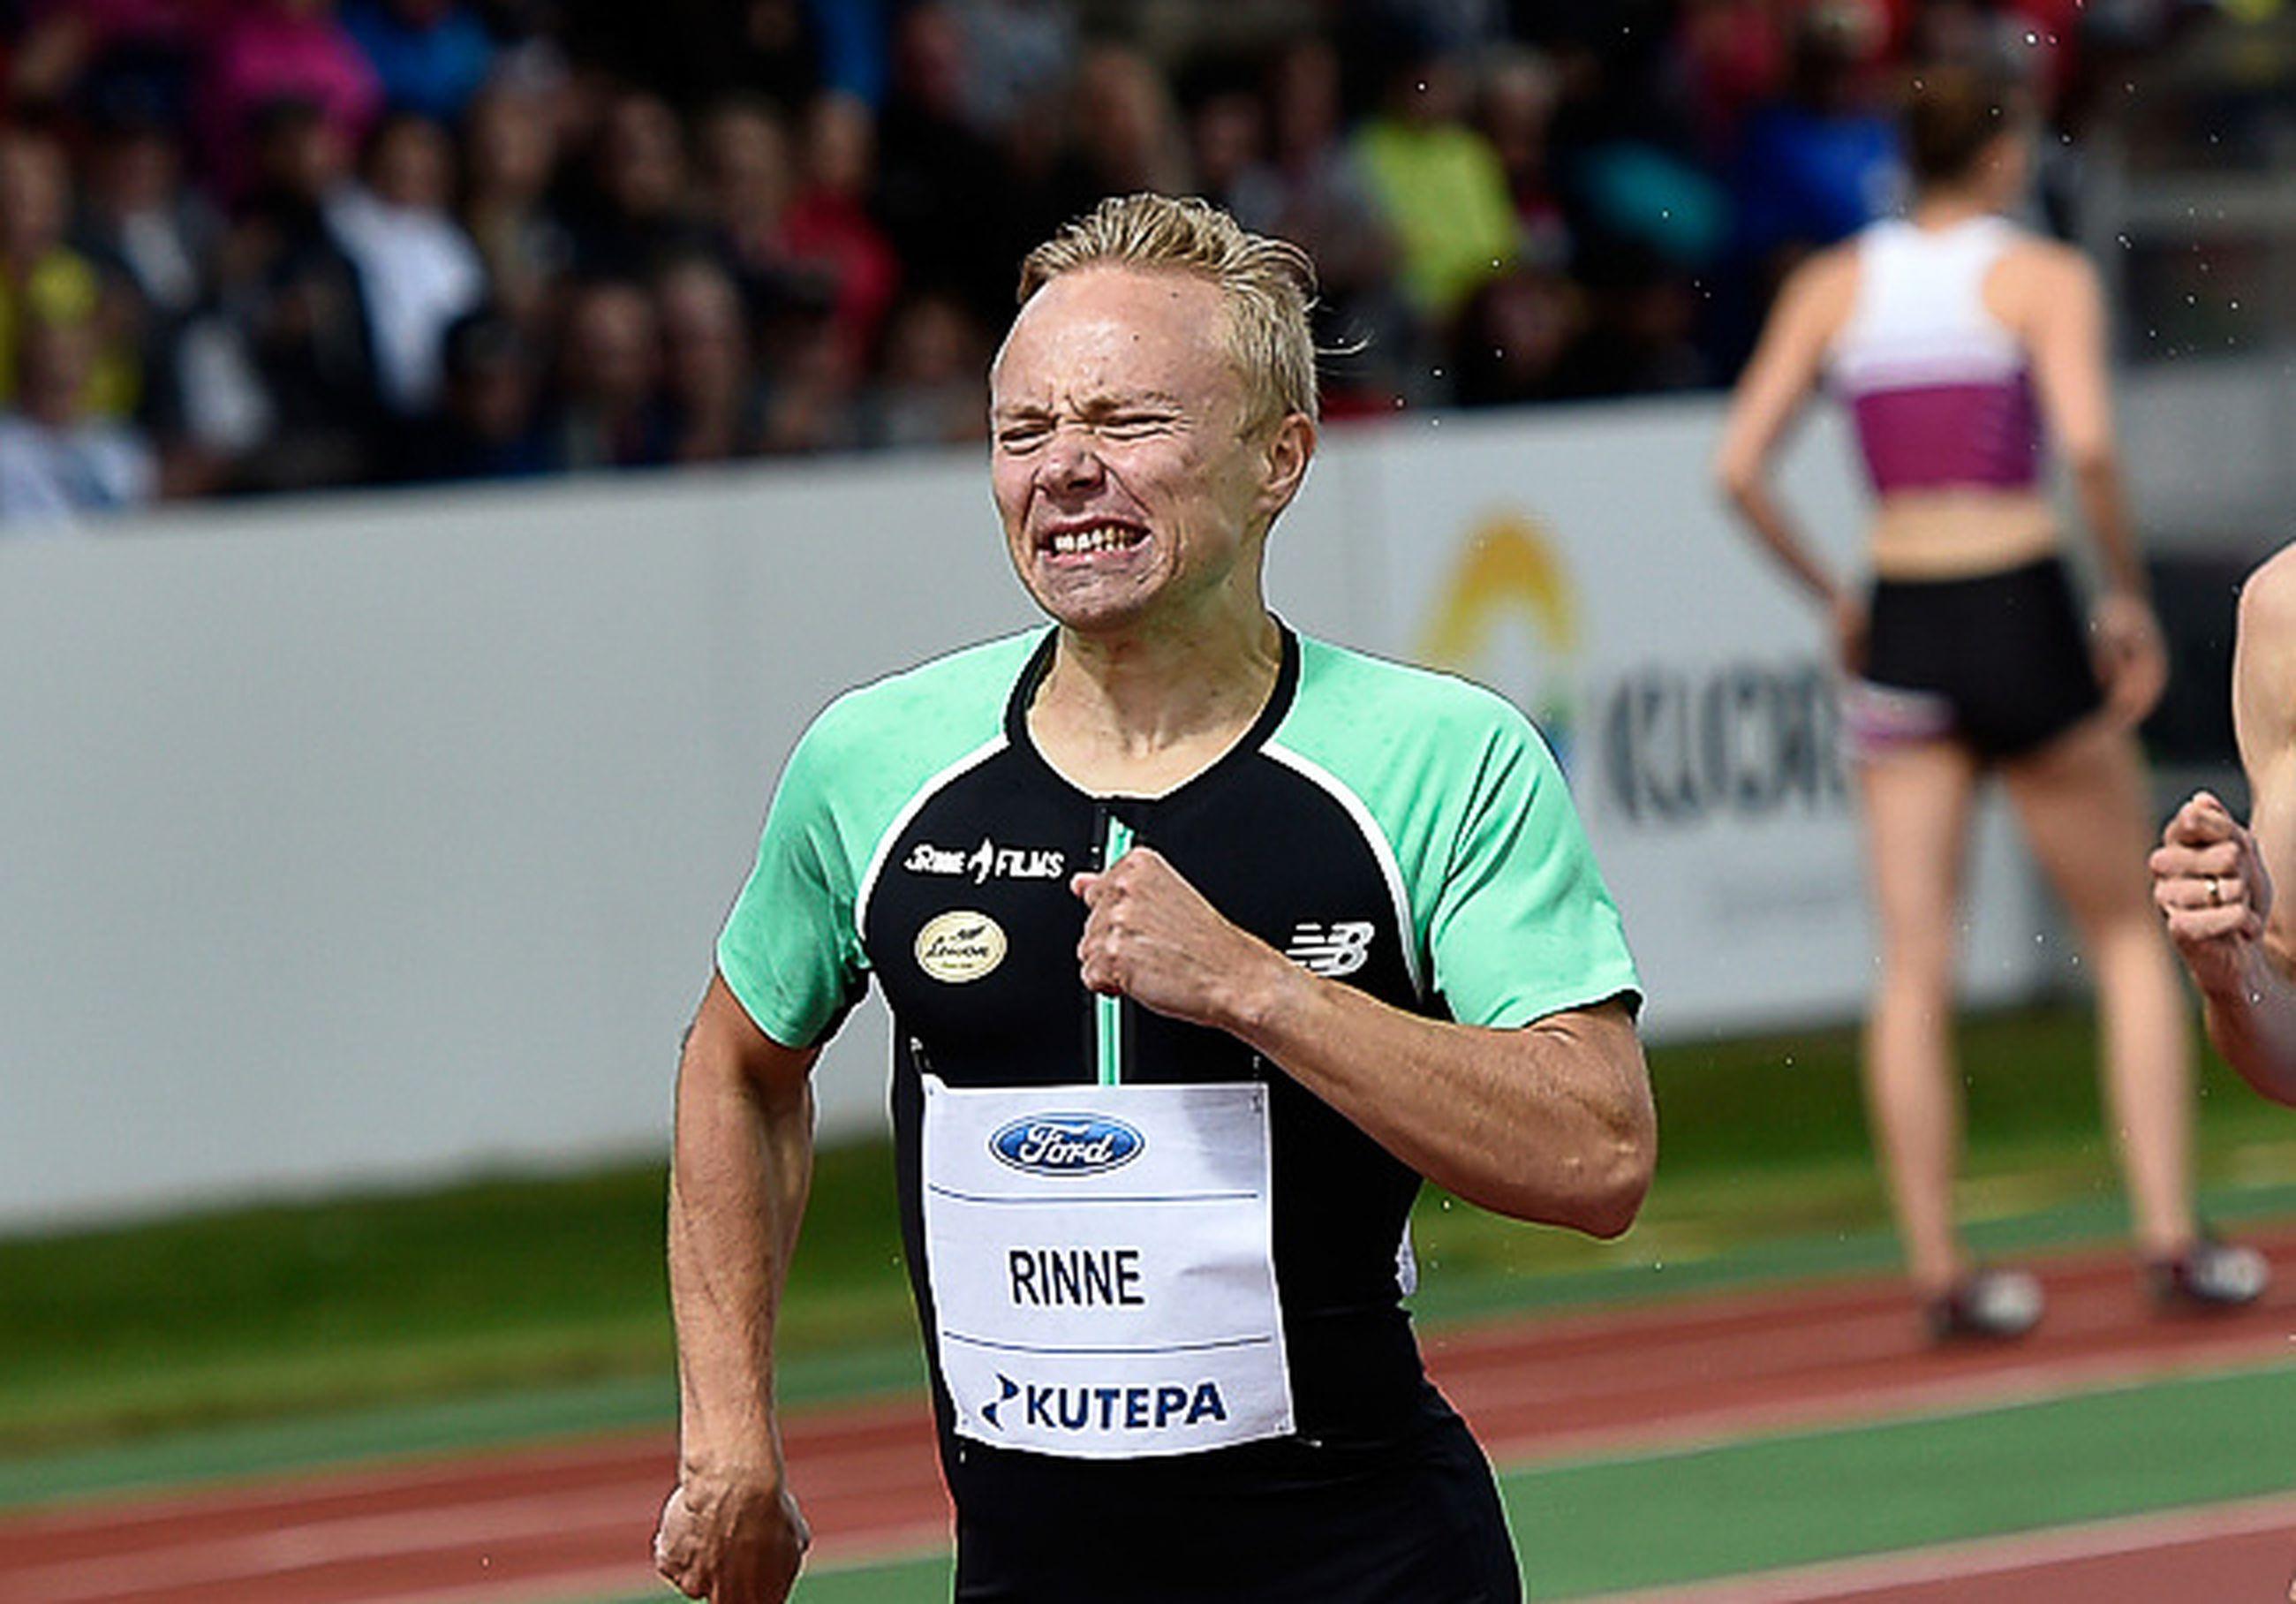 Joonas Rinne